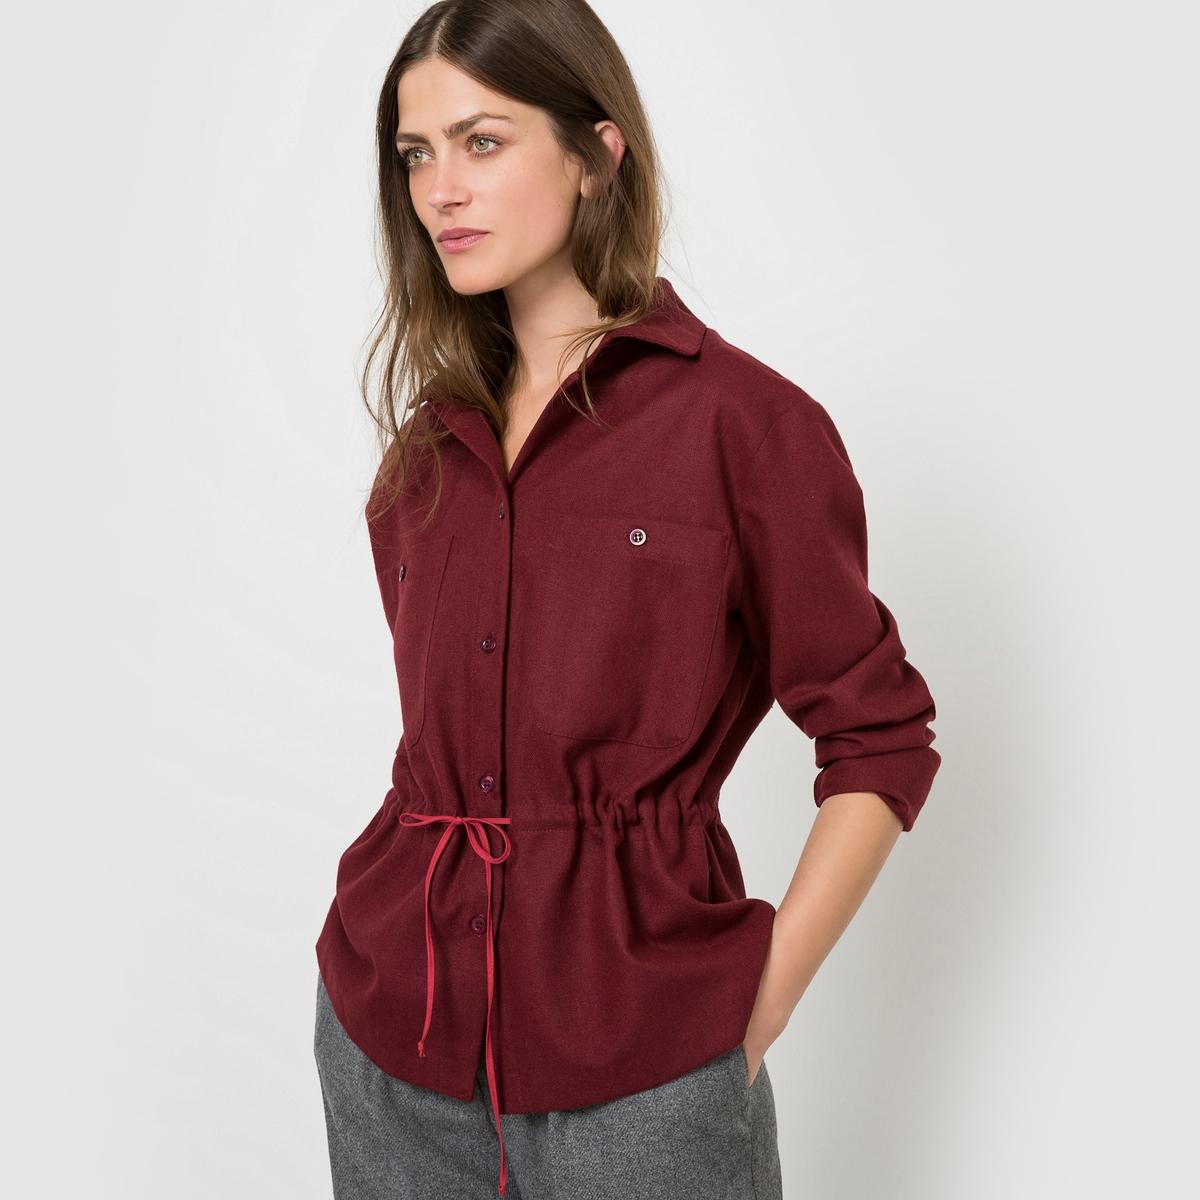 Рубашка с длинными рукавамиСостав и описаниеМатериал 40% акрила, 30% полиэстера, 25% шерсти, 5% других волоконДлина 67 смМарка COLLECTOR  УходМашинная стирка при 30 °C - Не отбеливать - Гладить при низкой температуре - Сухая (химическая) чистка запрещена - Машинная сушка запрещена<br><br>Цвет: бордовый,темно-синий<br>Размер: 38 (FR) - 44 (RUS)